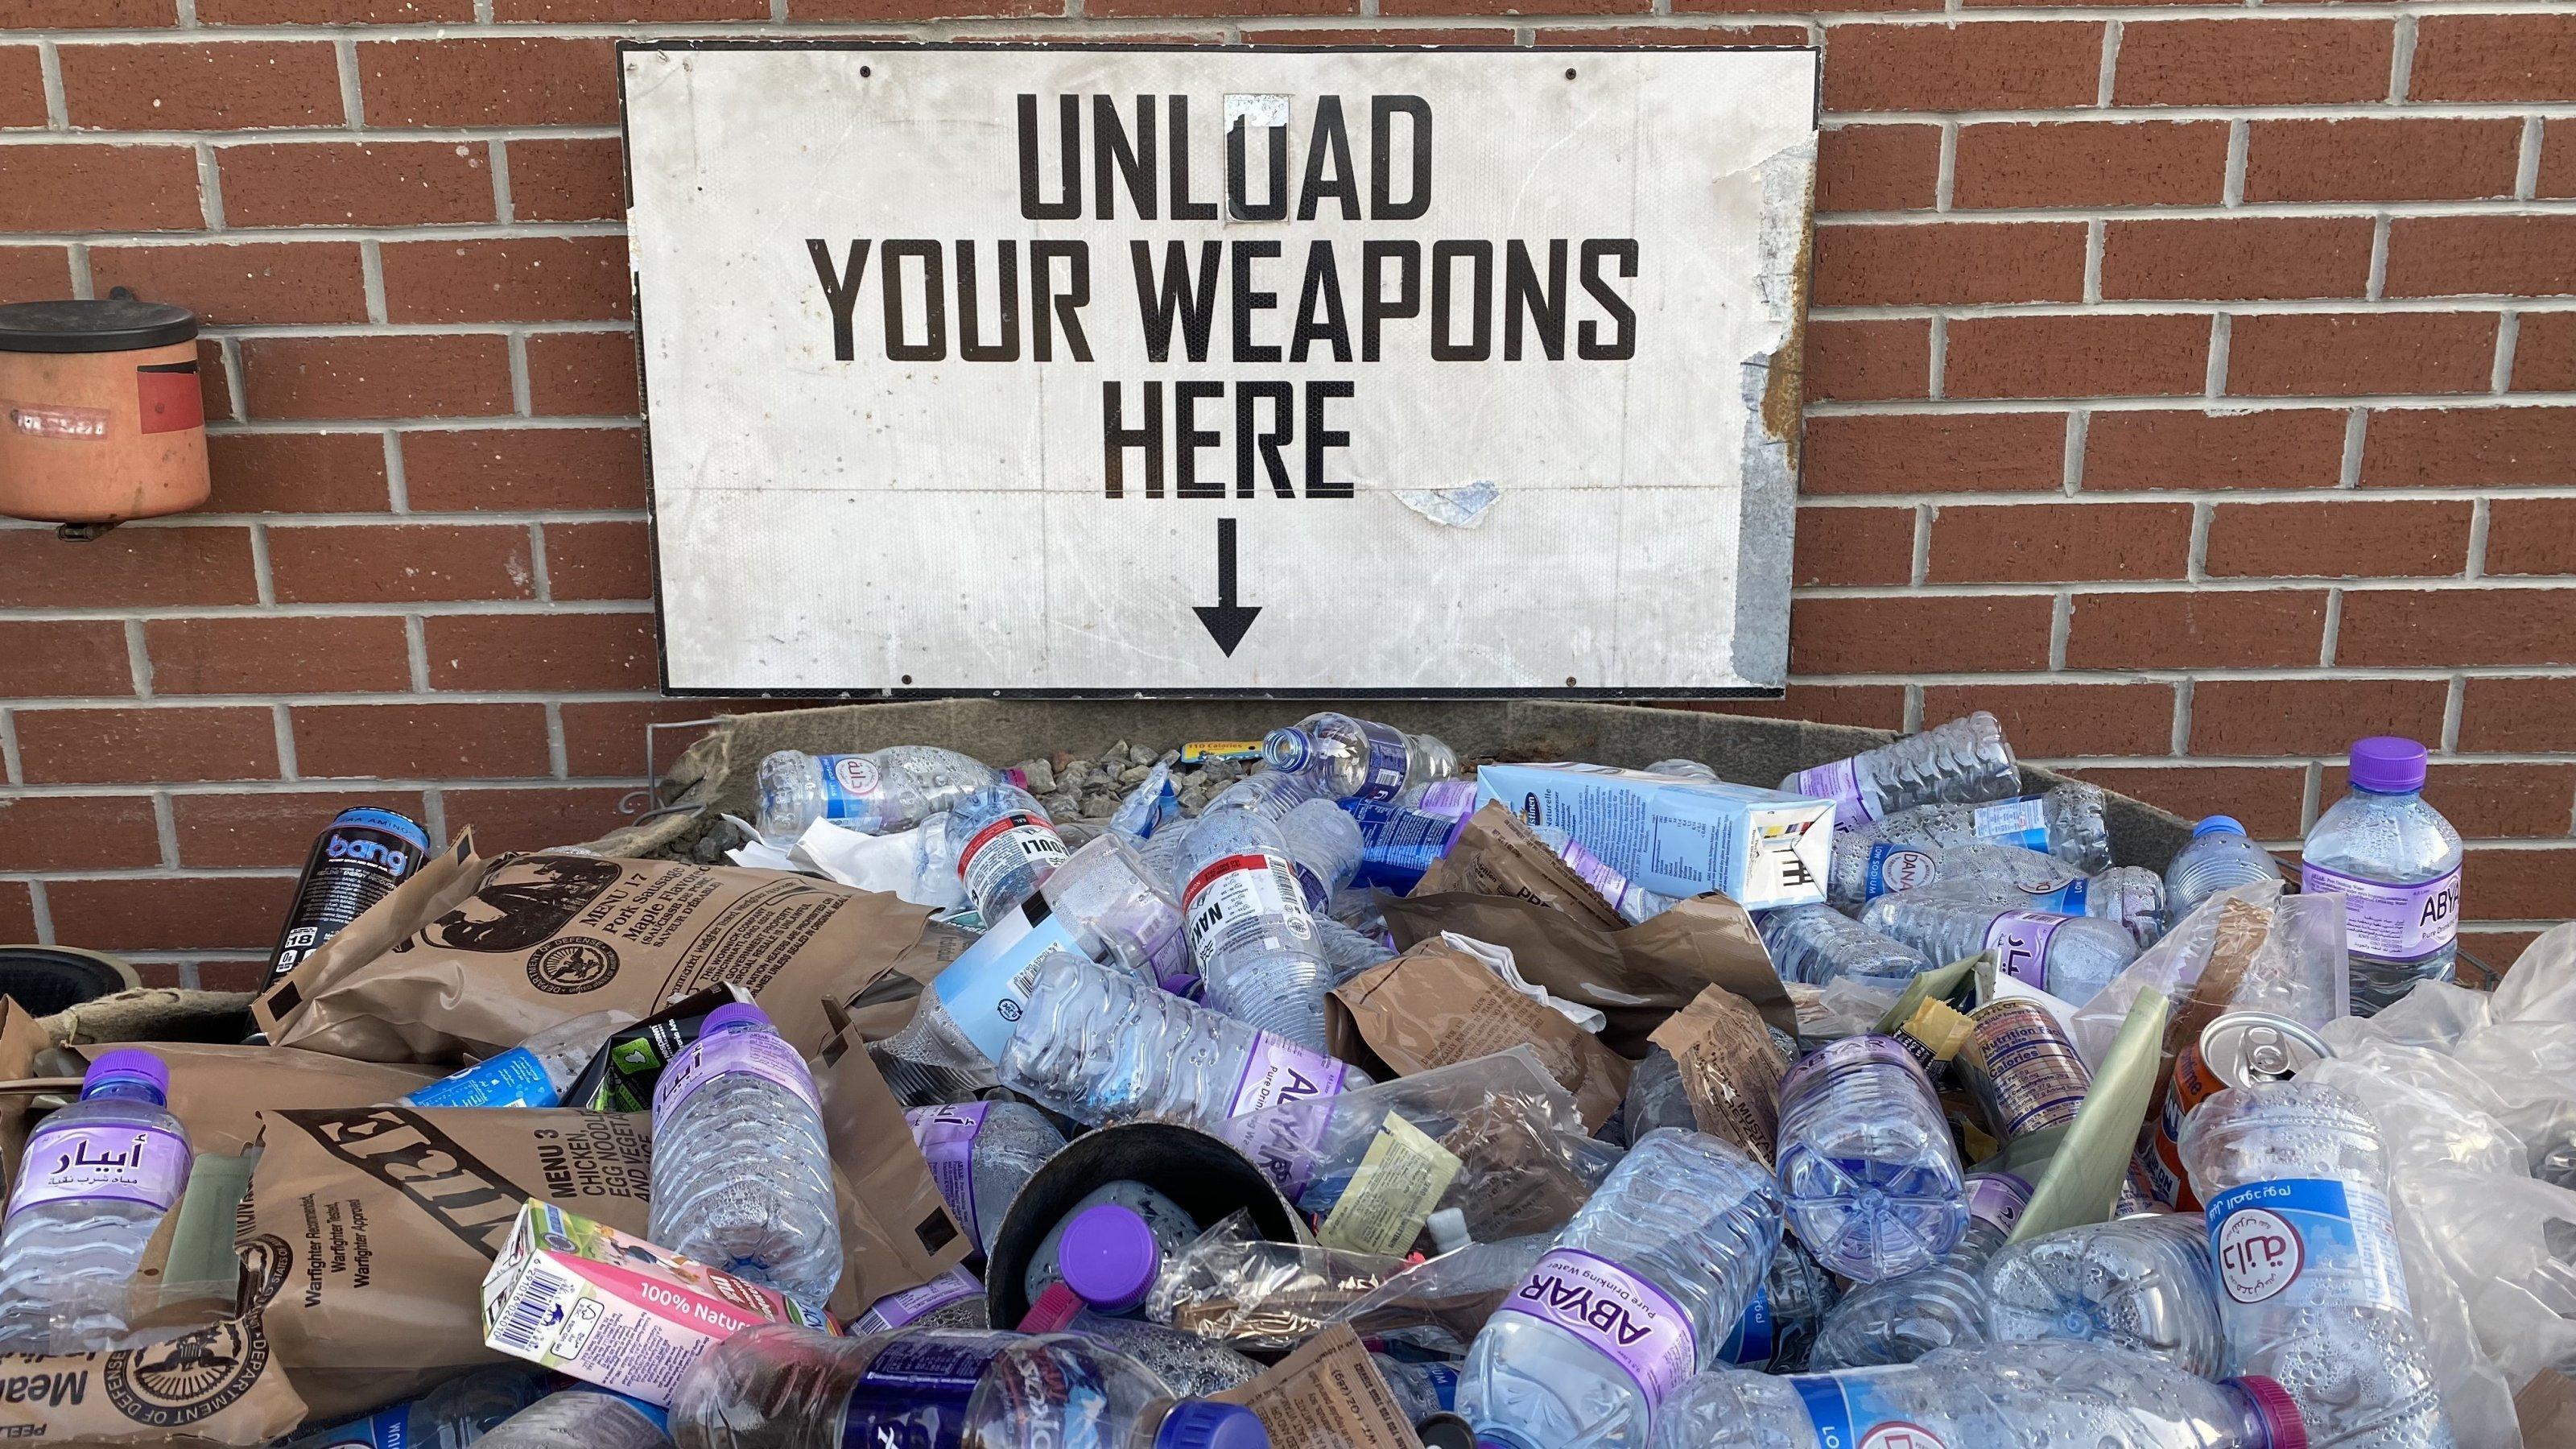 """Unter dem Schild mit der Aufschrift """"Unload your weapons here"""" und der Kiste mit Sand, in die die Patronenhülsen sollen, sind vor allem leere Wasserflaschen zu sehen. Hinweis auf die vielen Zivilisten, die am Flughafen Zuflucht gesucht hatten."""